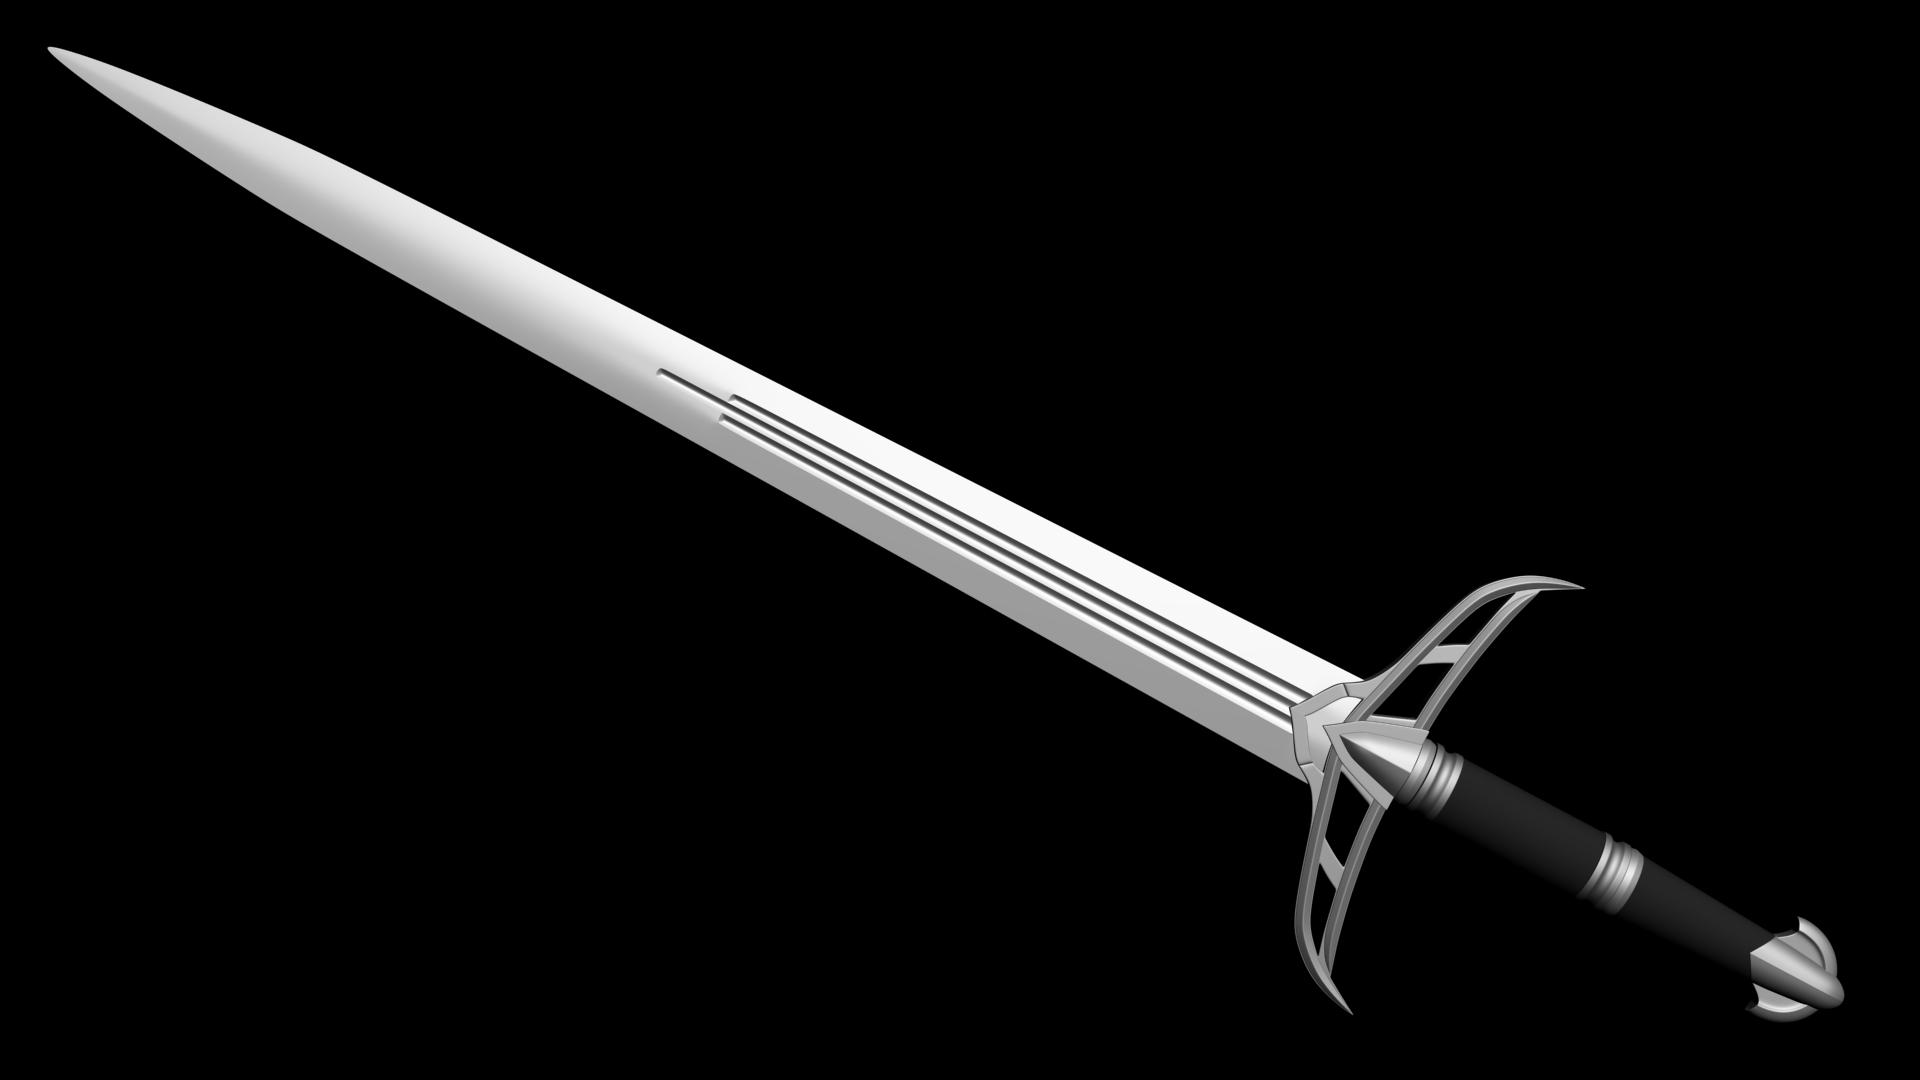 Sword PNG - 18992